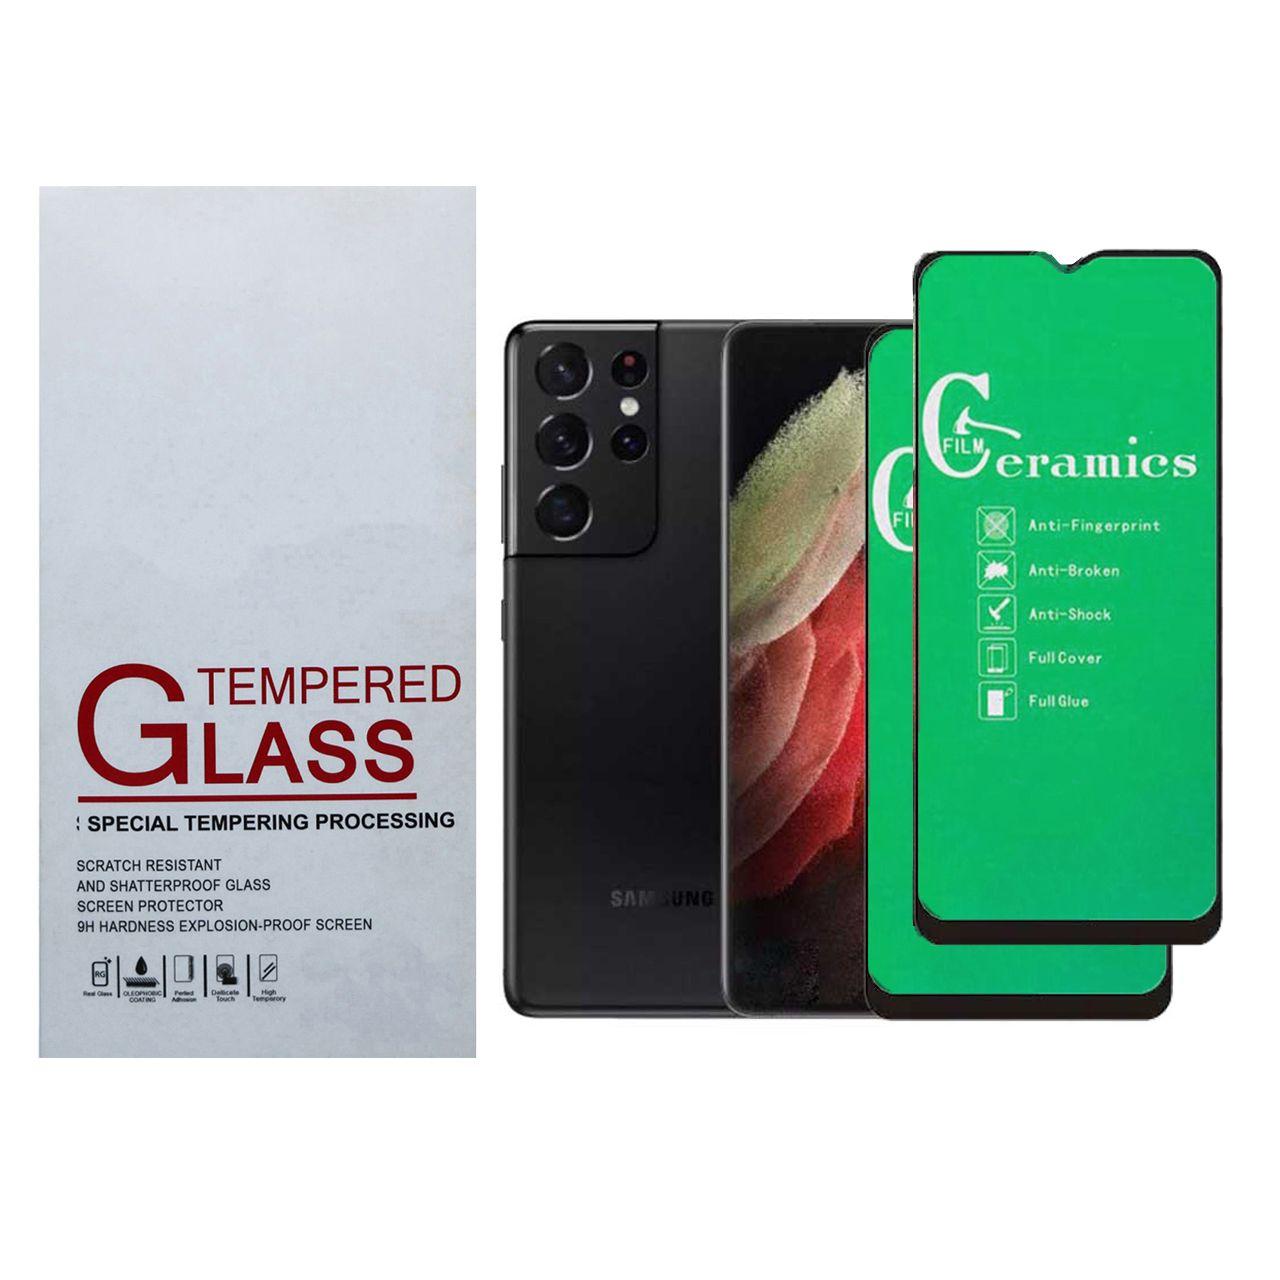 محافظ صفحه نمایش سرامیکی مدل Cr_jim مناسب برای گوشی موبایل سامسونگ Galaxy S21 ultra بسته دو عددی